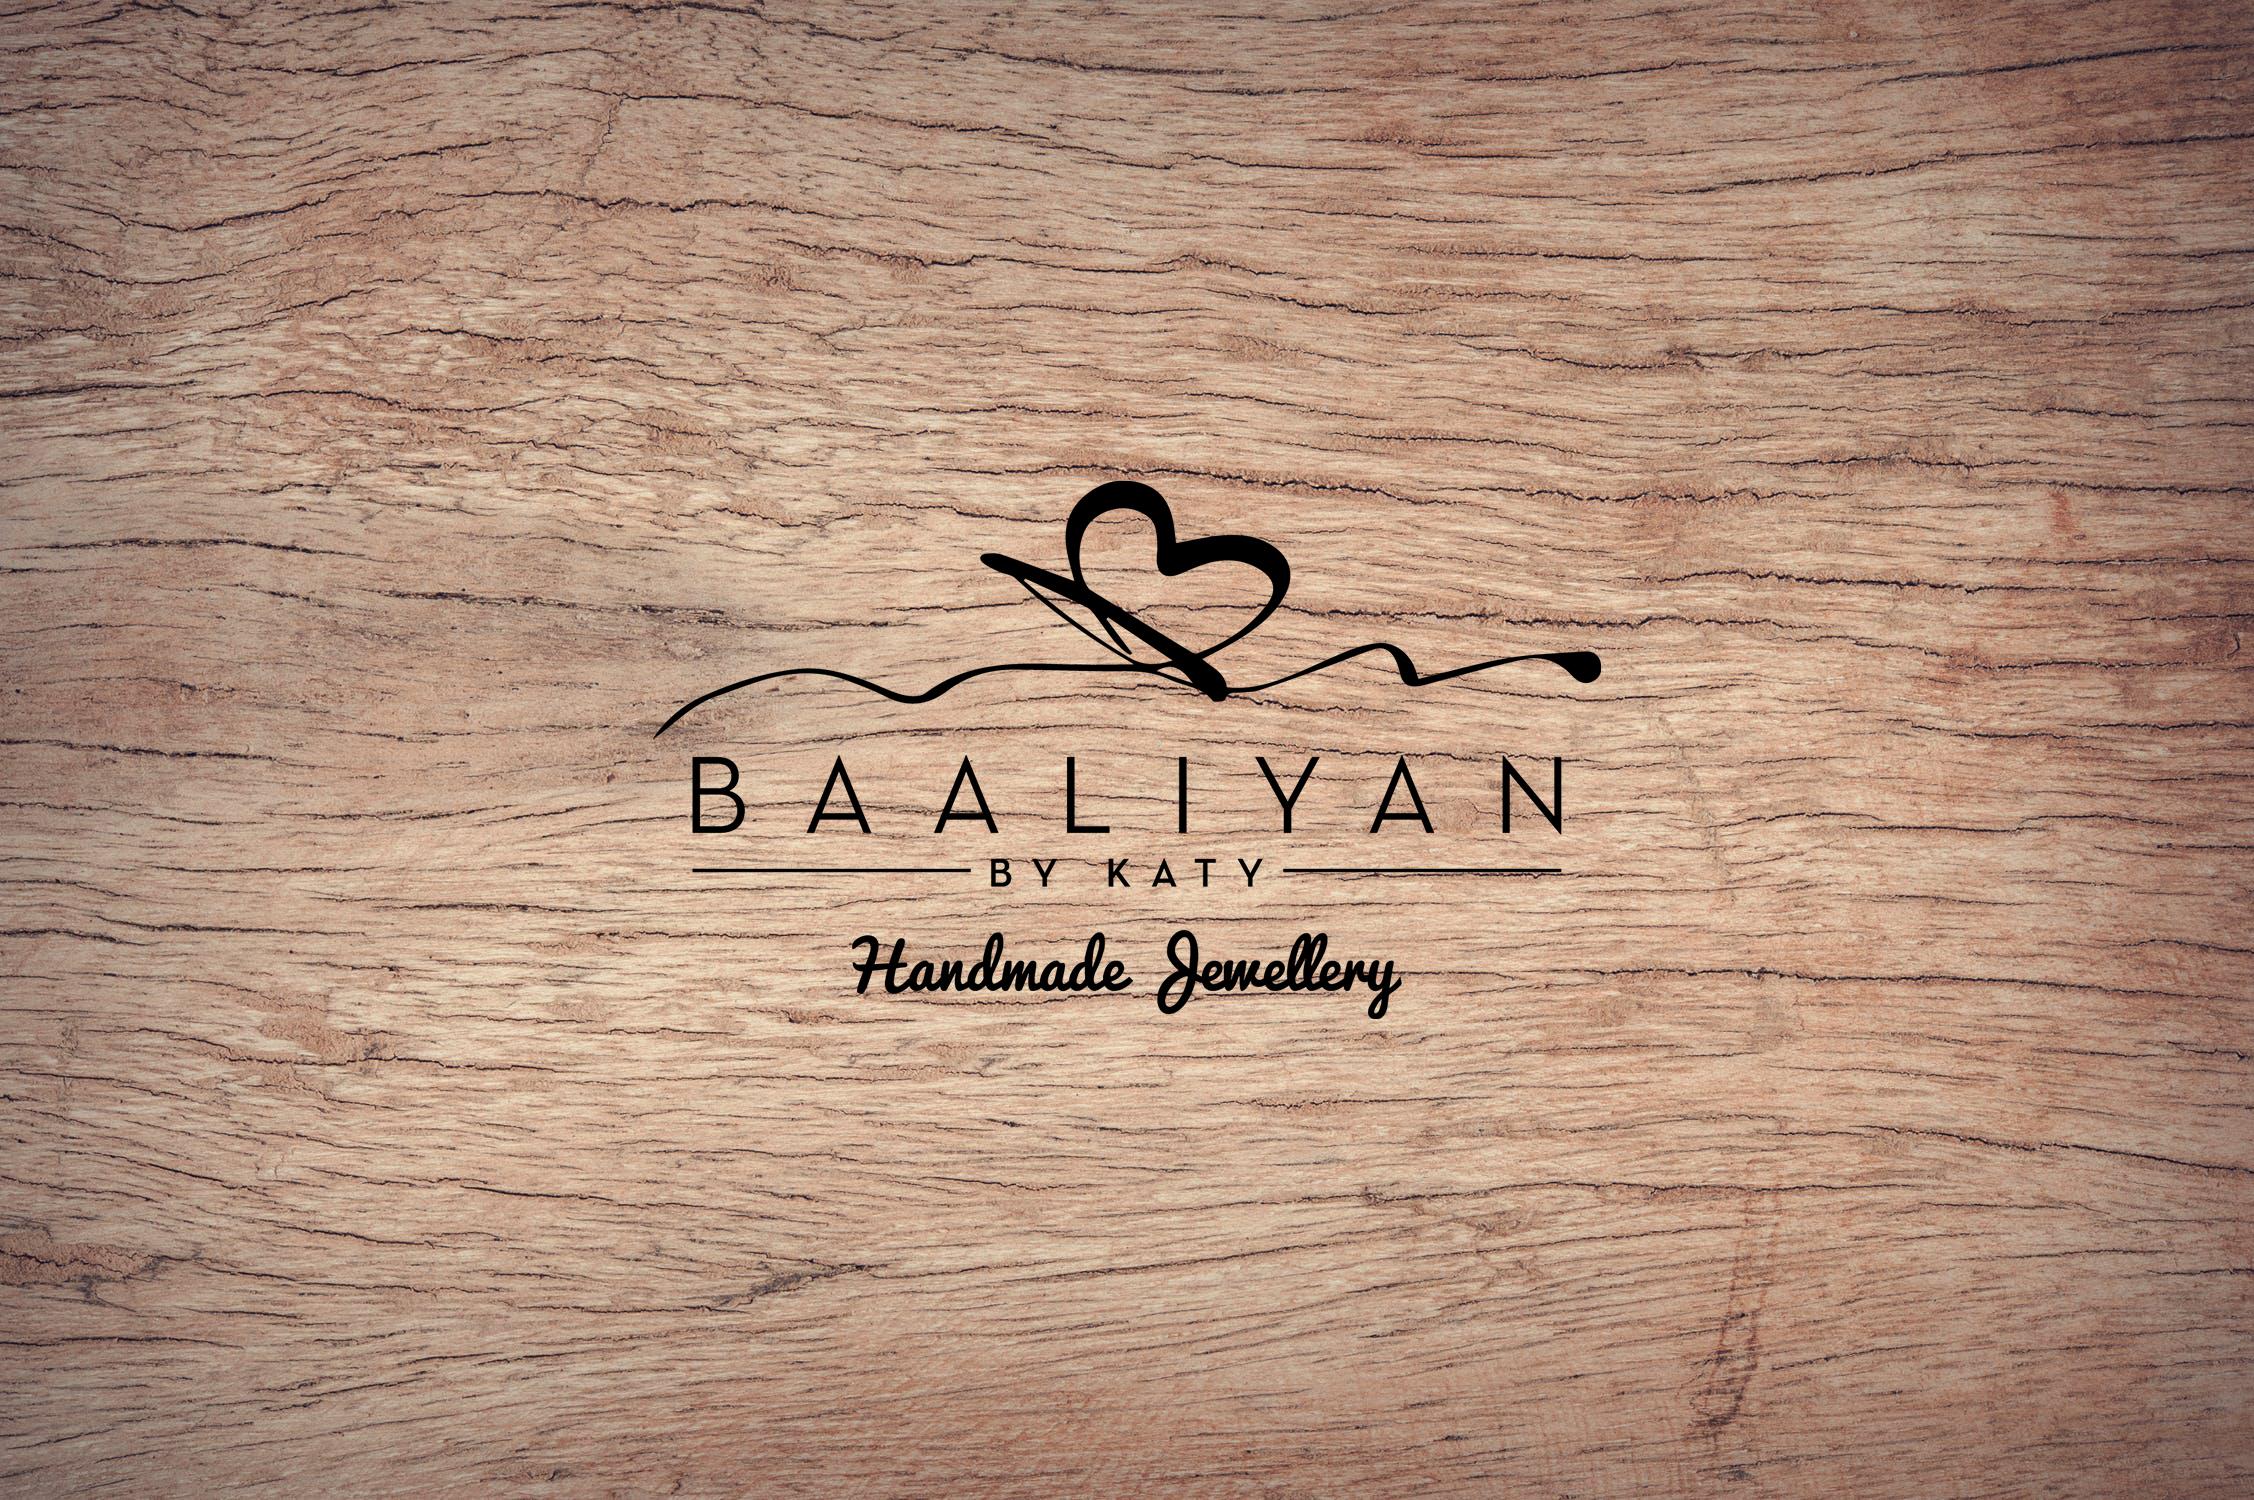 Baaliyan on wood 2